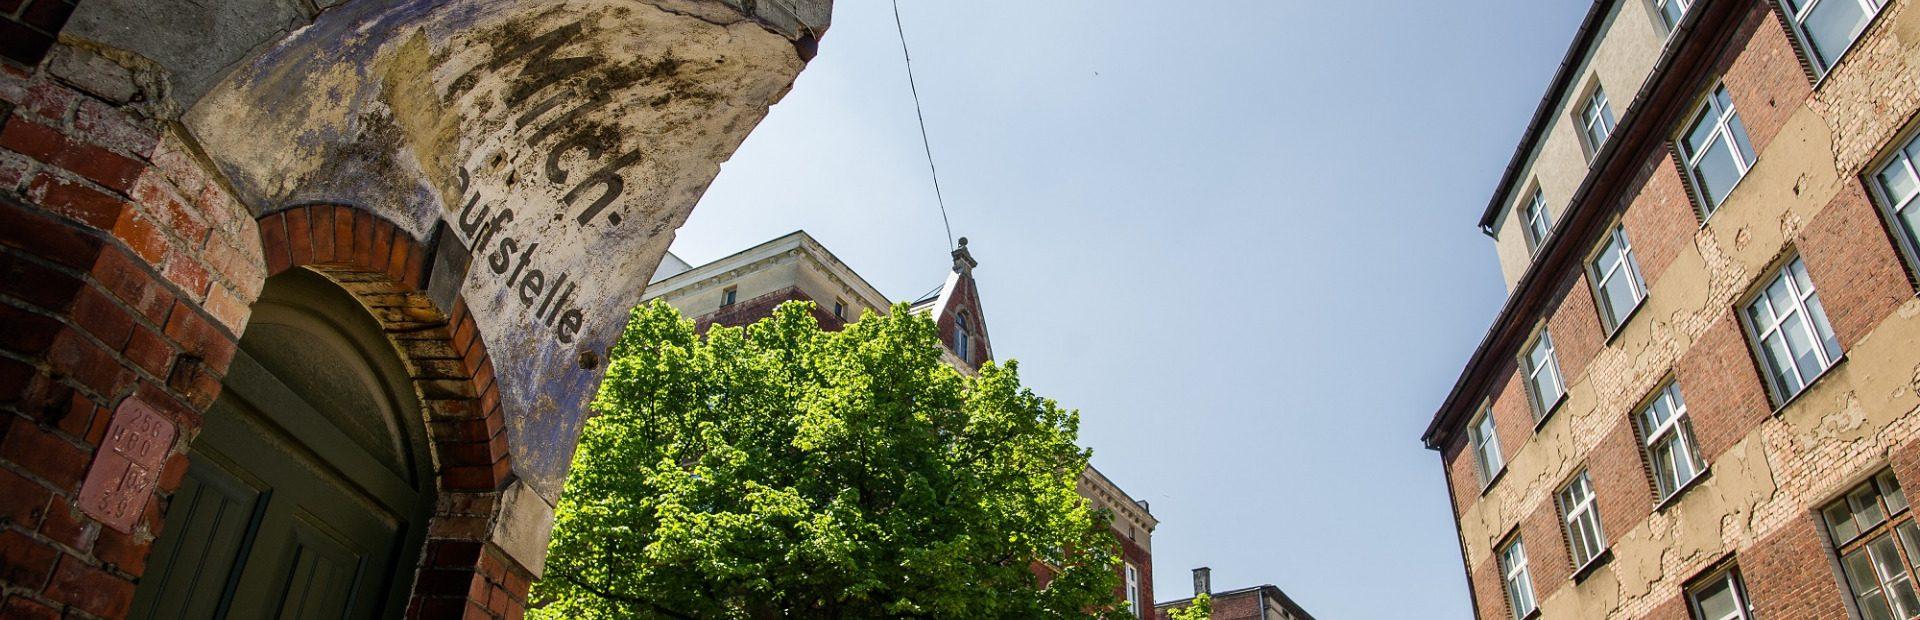 Biskupia Górka – dzielnica Gdańska pełna tajemnic